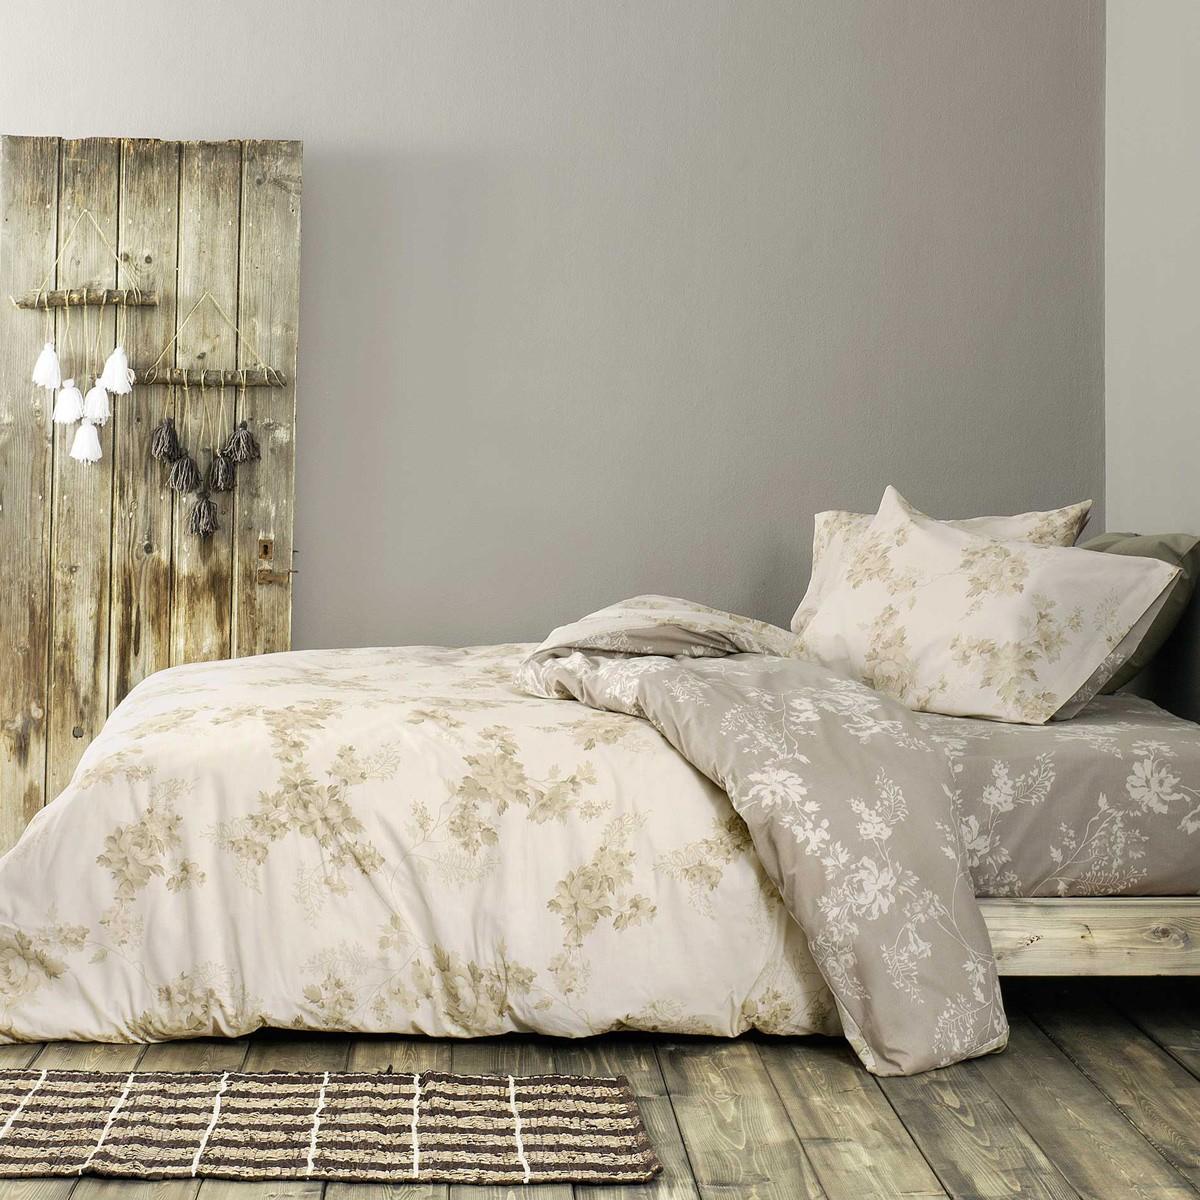 Πάπλωμα Μονό Nima Bed Linen Carmelita Beige